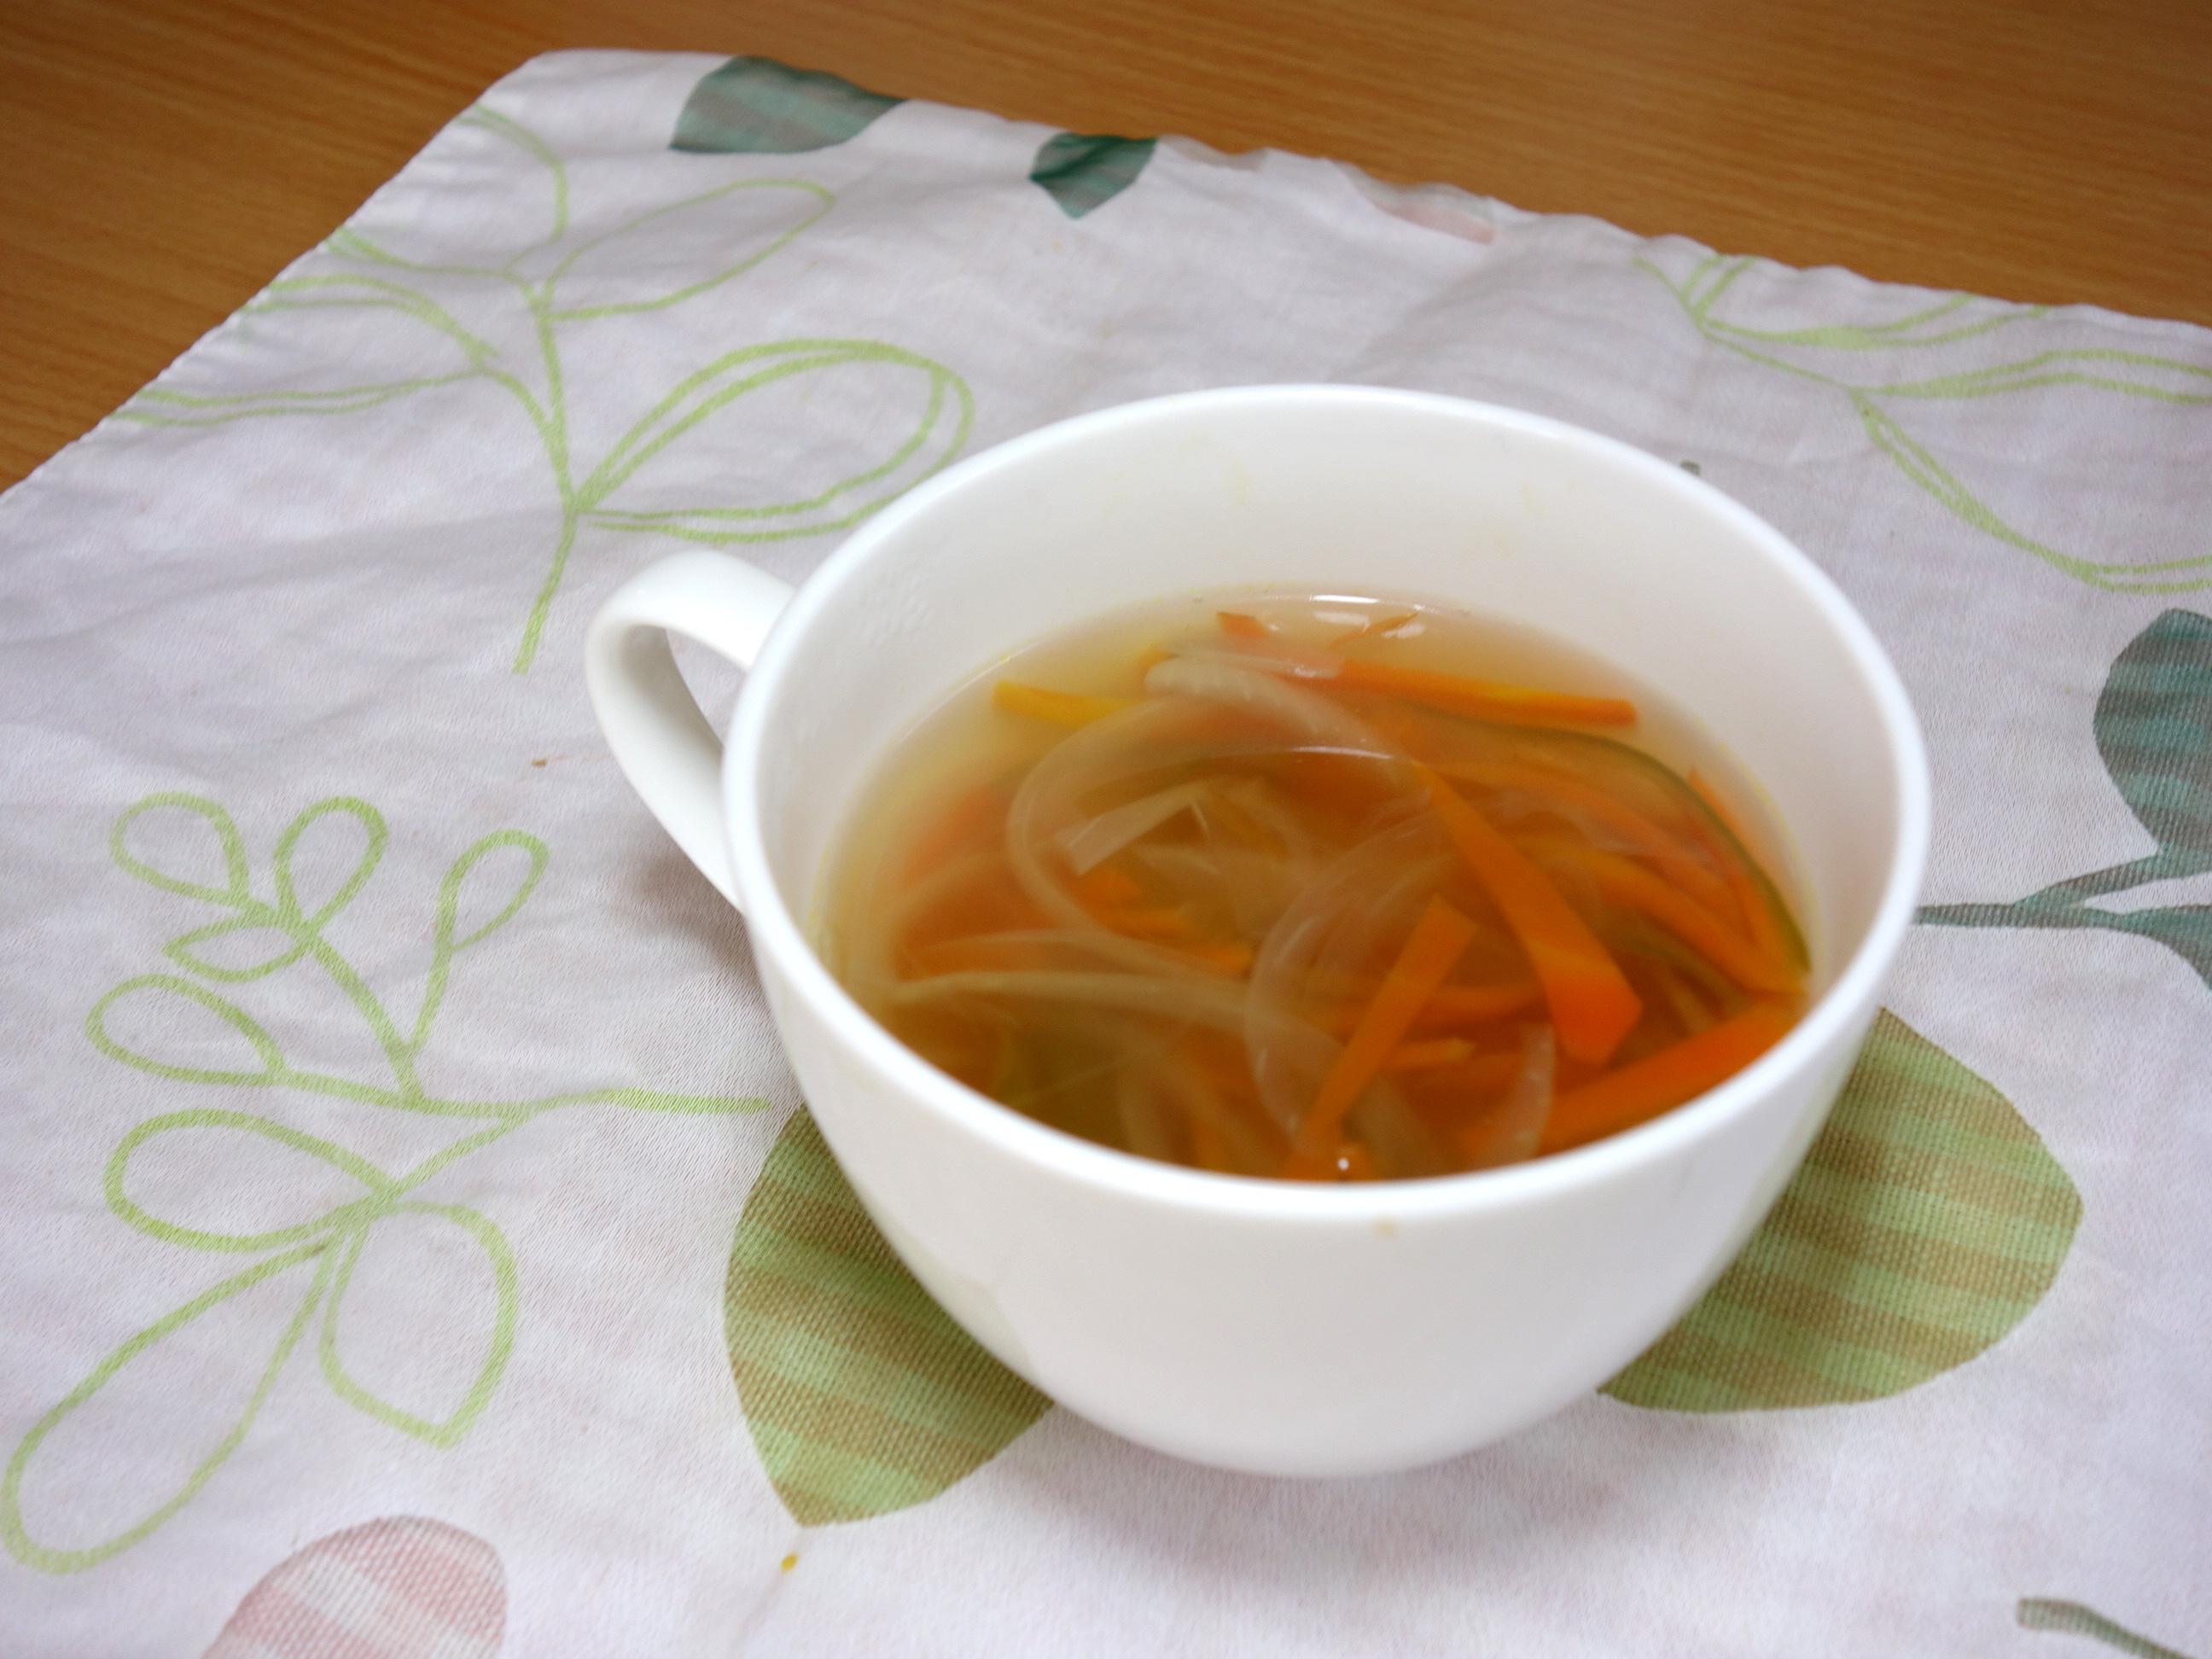 せん切りスープ,野菜スープ,コンソメ